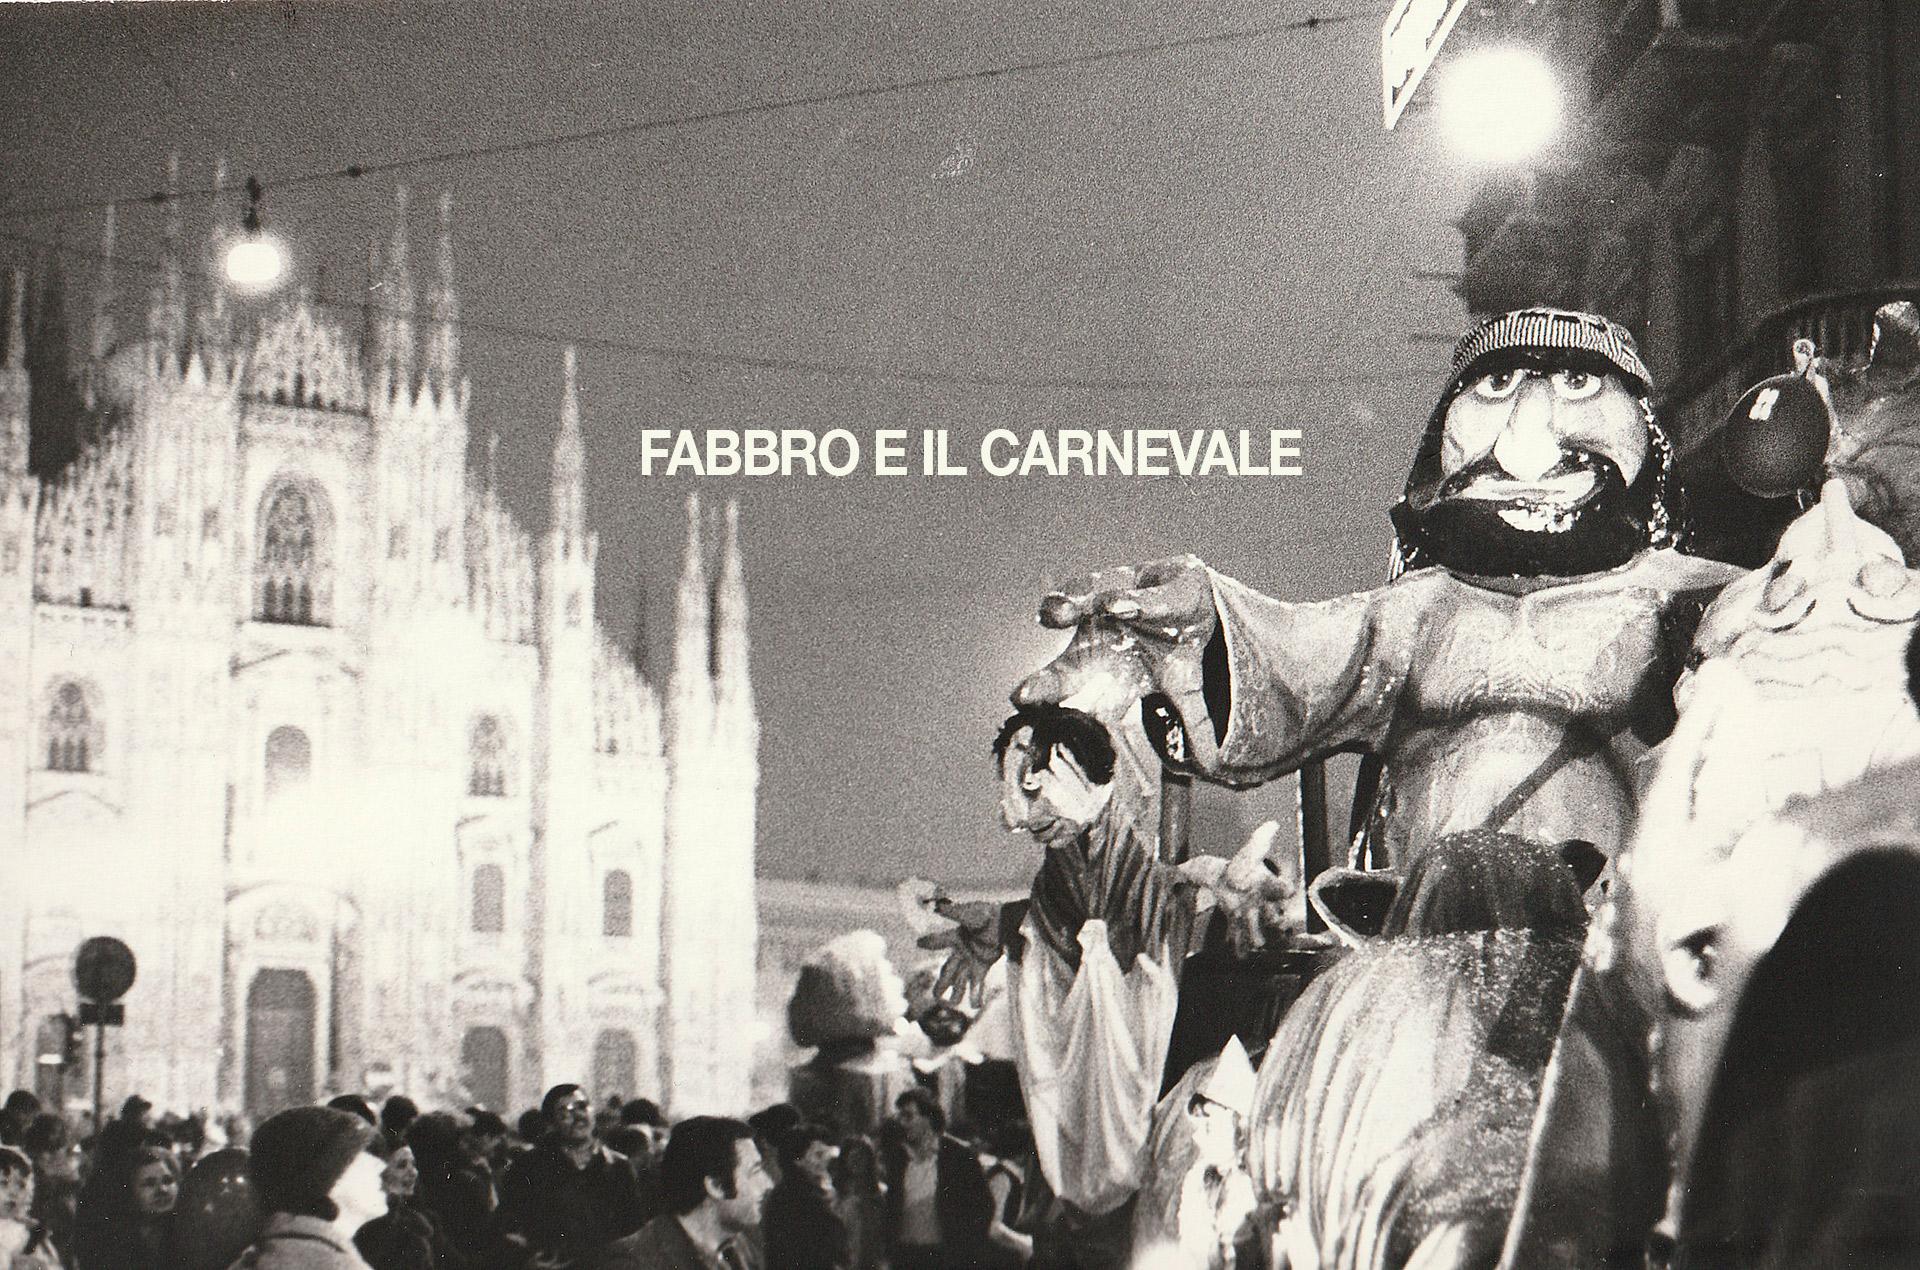 Caeenevale Ambrosiano 1980, sfilata di carri in Piazza Duomo. (fonte immagine: web bollateoggi)